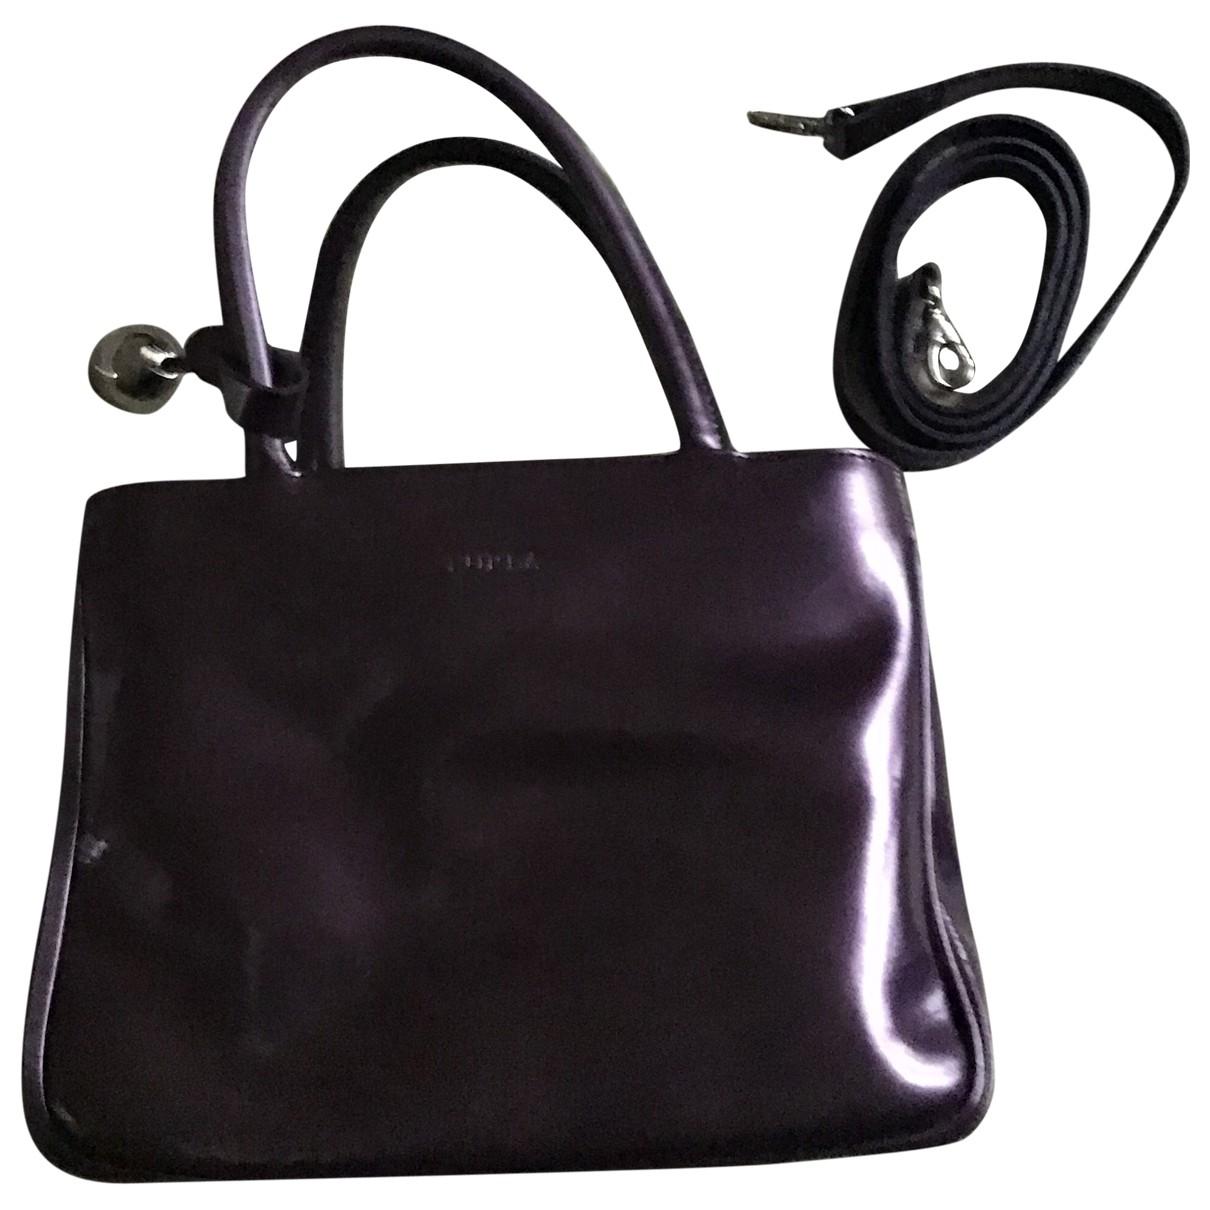 Furla - Sac a main   pour femme en cuir verni - violet